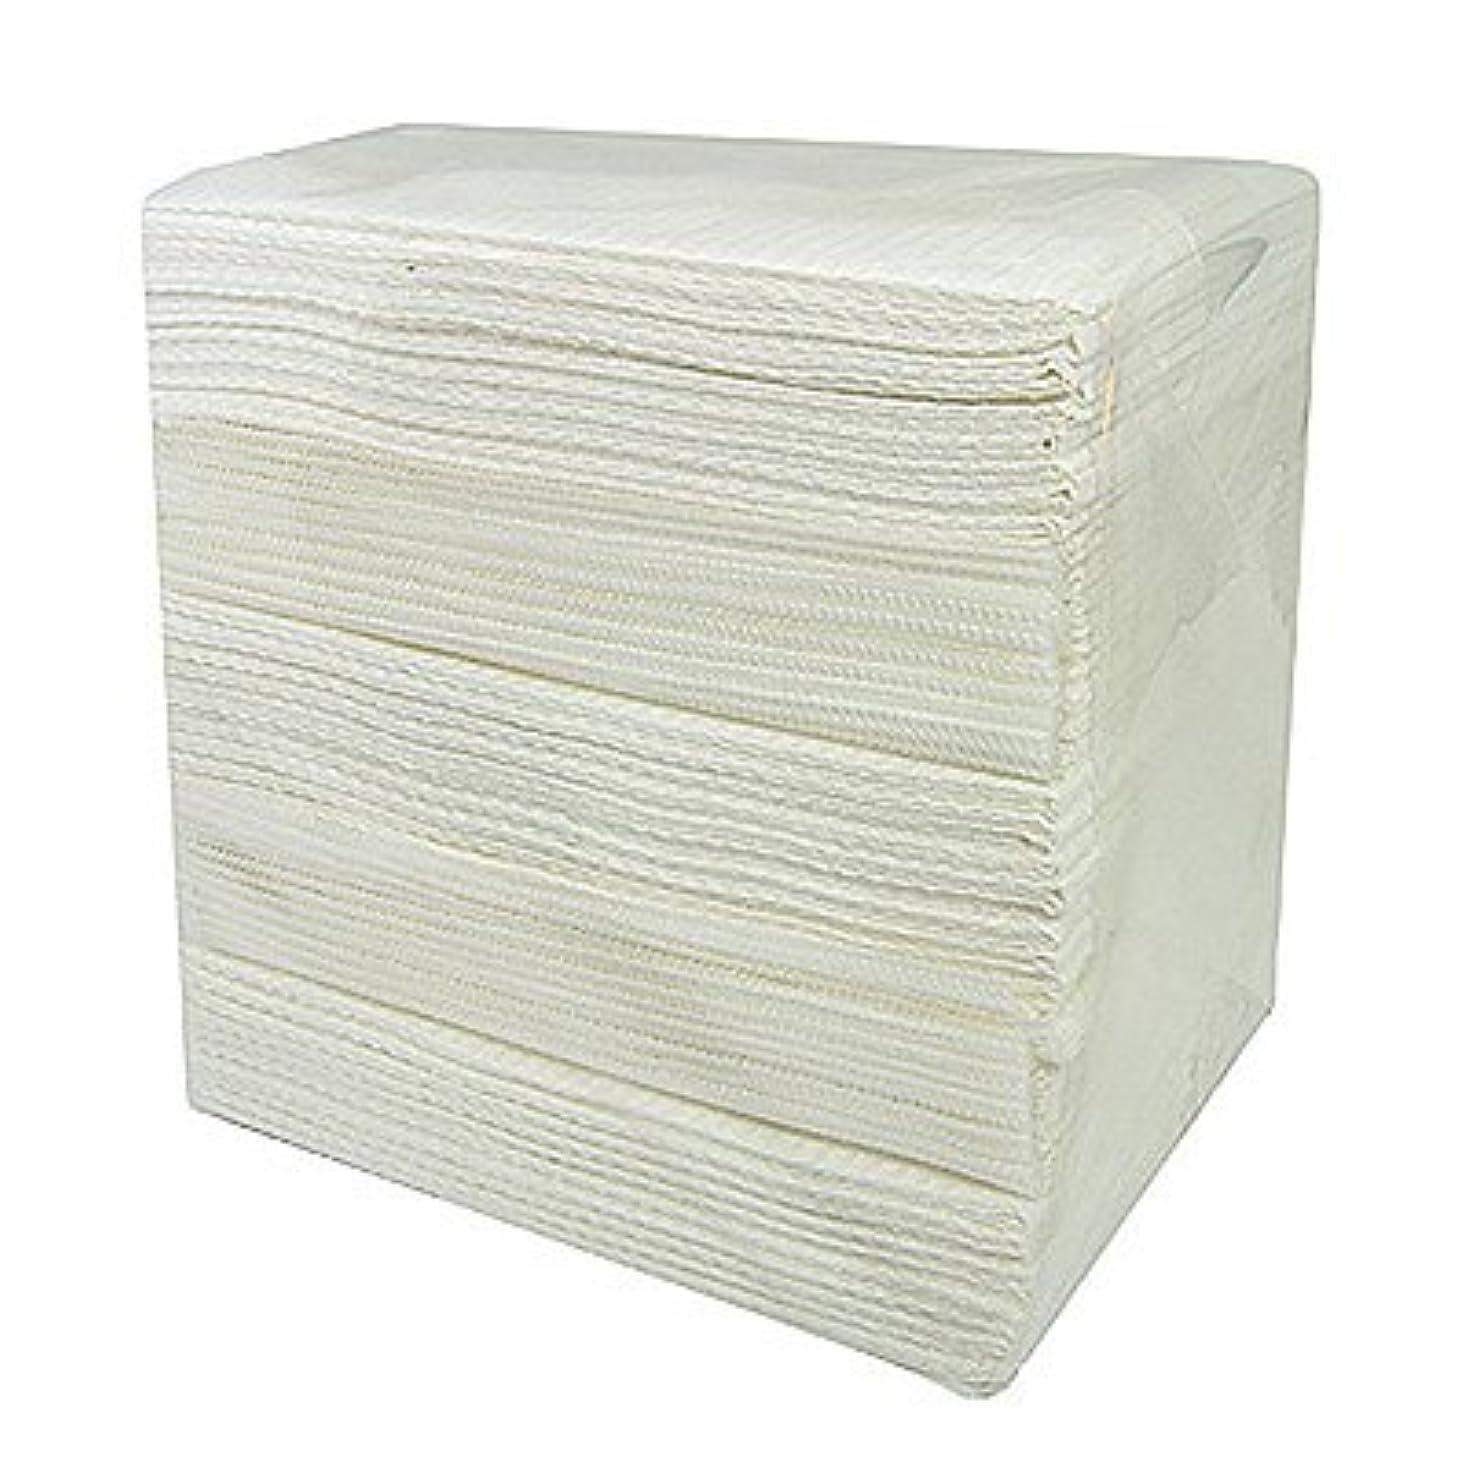 デンマーク語組み合わせる避ける完全防水ネイルペーパー ホワイト 50枚入